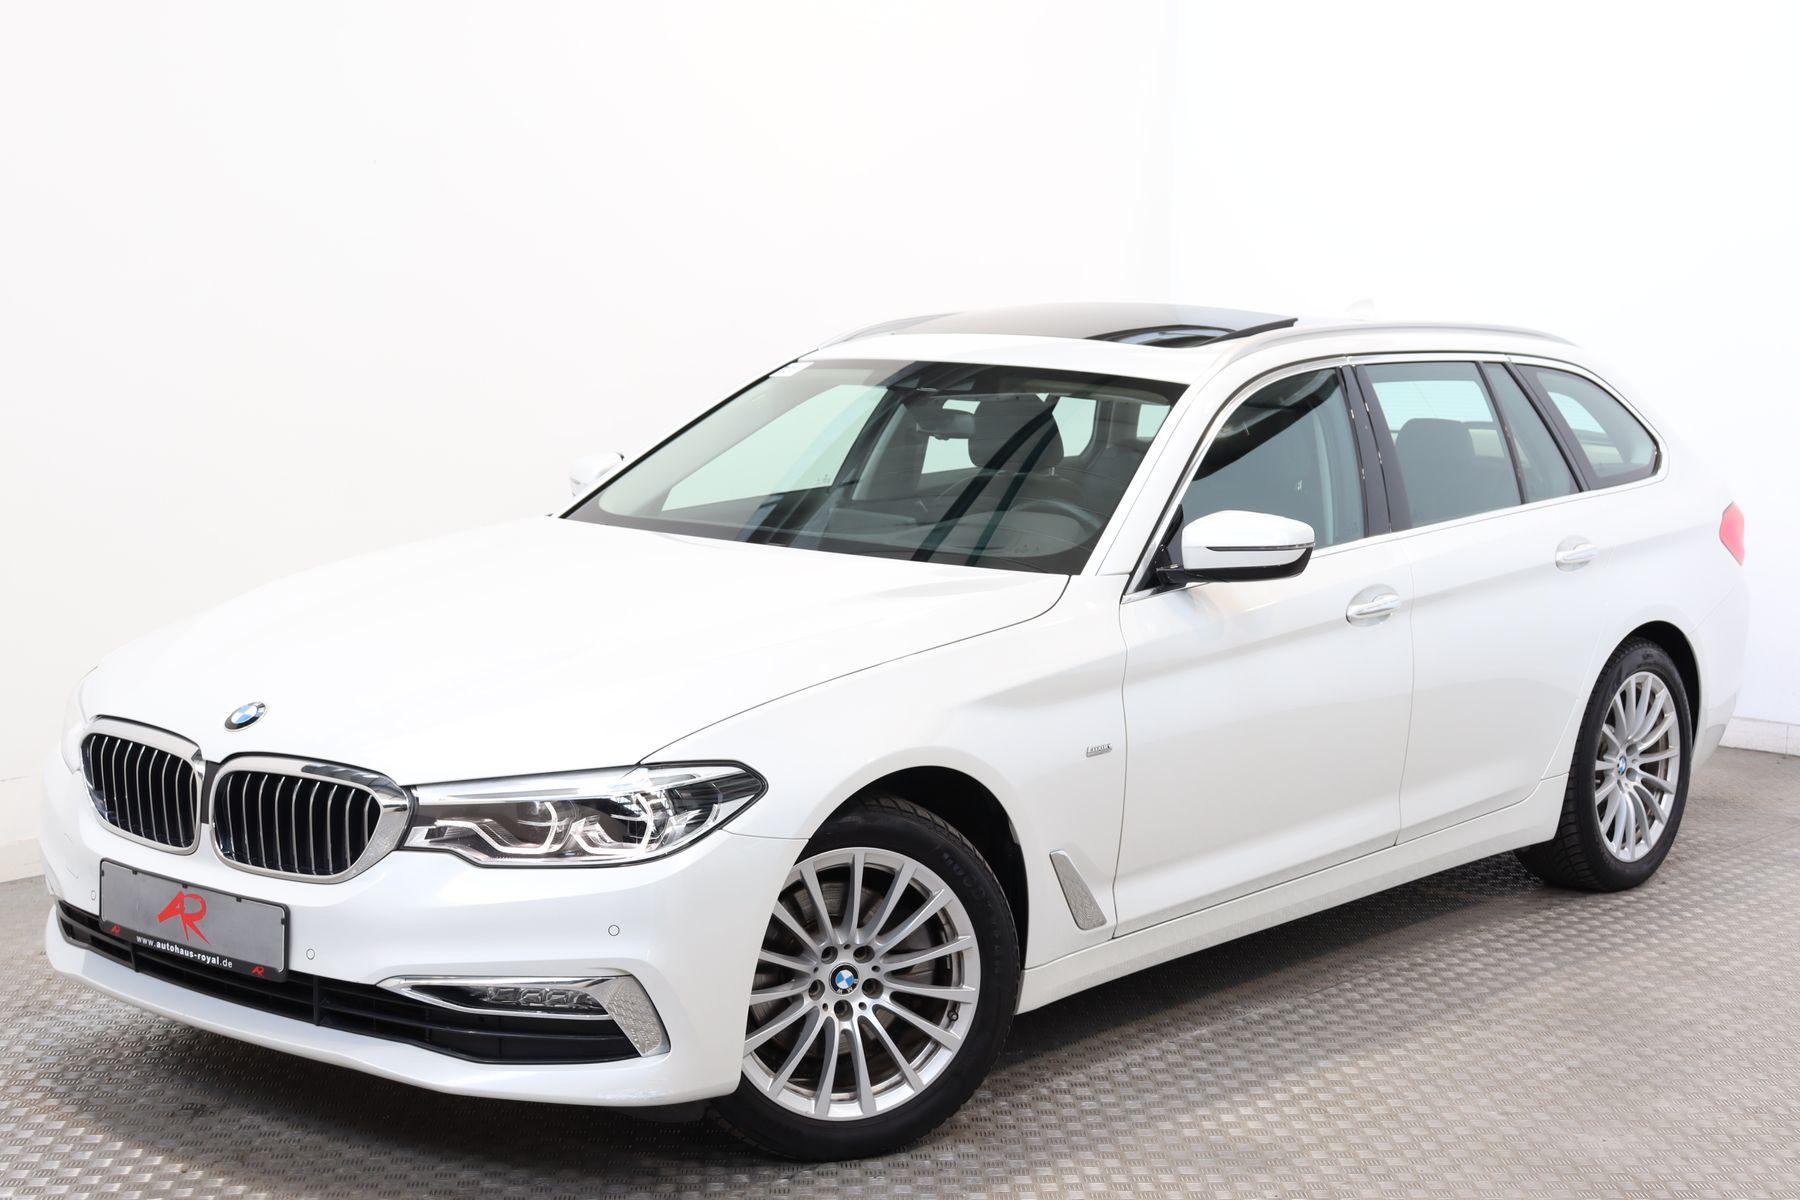 BMW 520 d xDrive T EXKLUSIVLEDER DIG.TACHO,HUD,AHK, Jahr 2017, Diesel